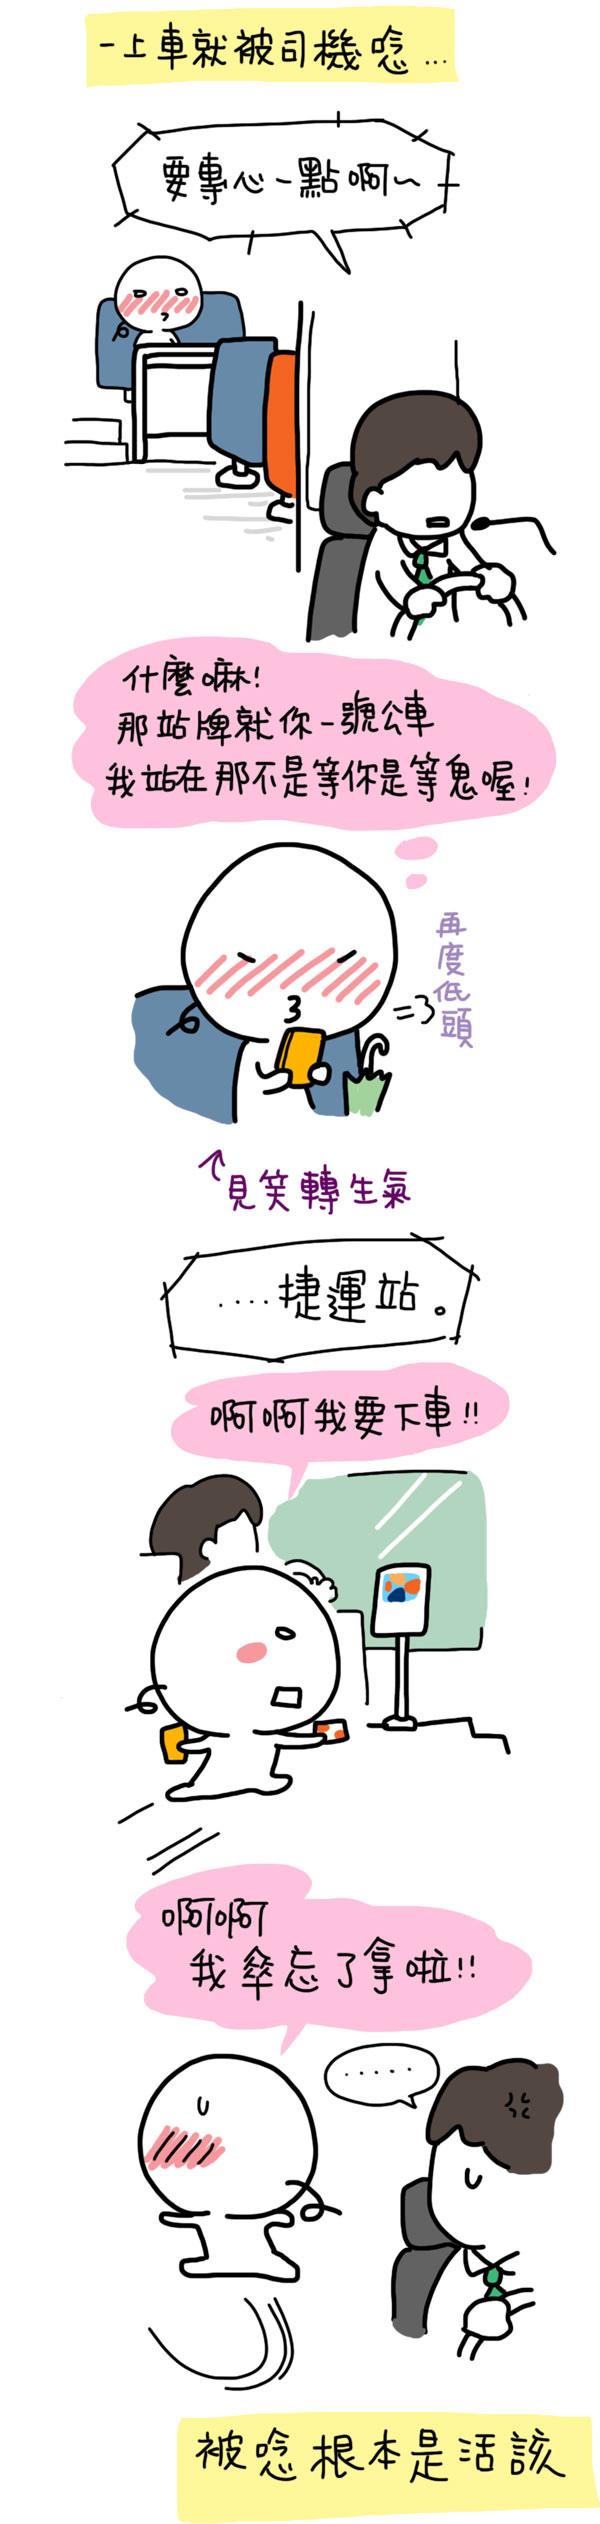 聯合報16-搭公車要專心02